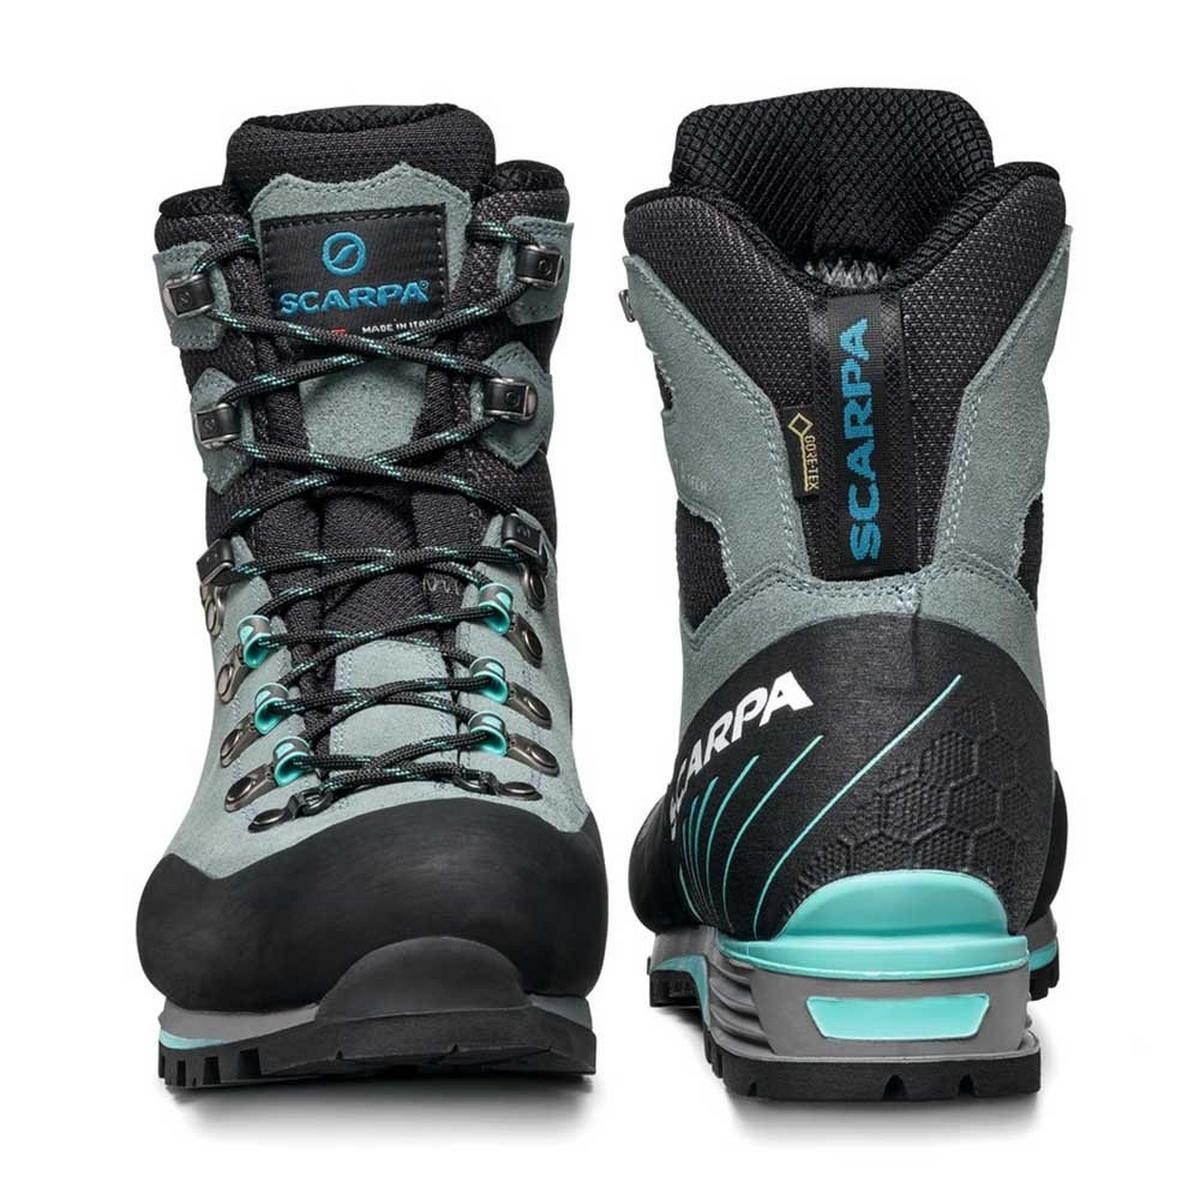 Scarpa Women's Scarpa Manta Tech GTX Boots - Grey